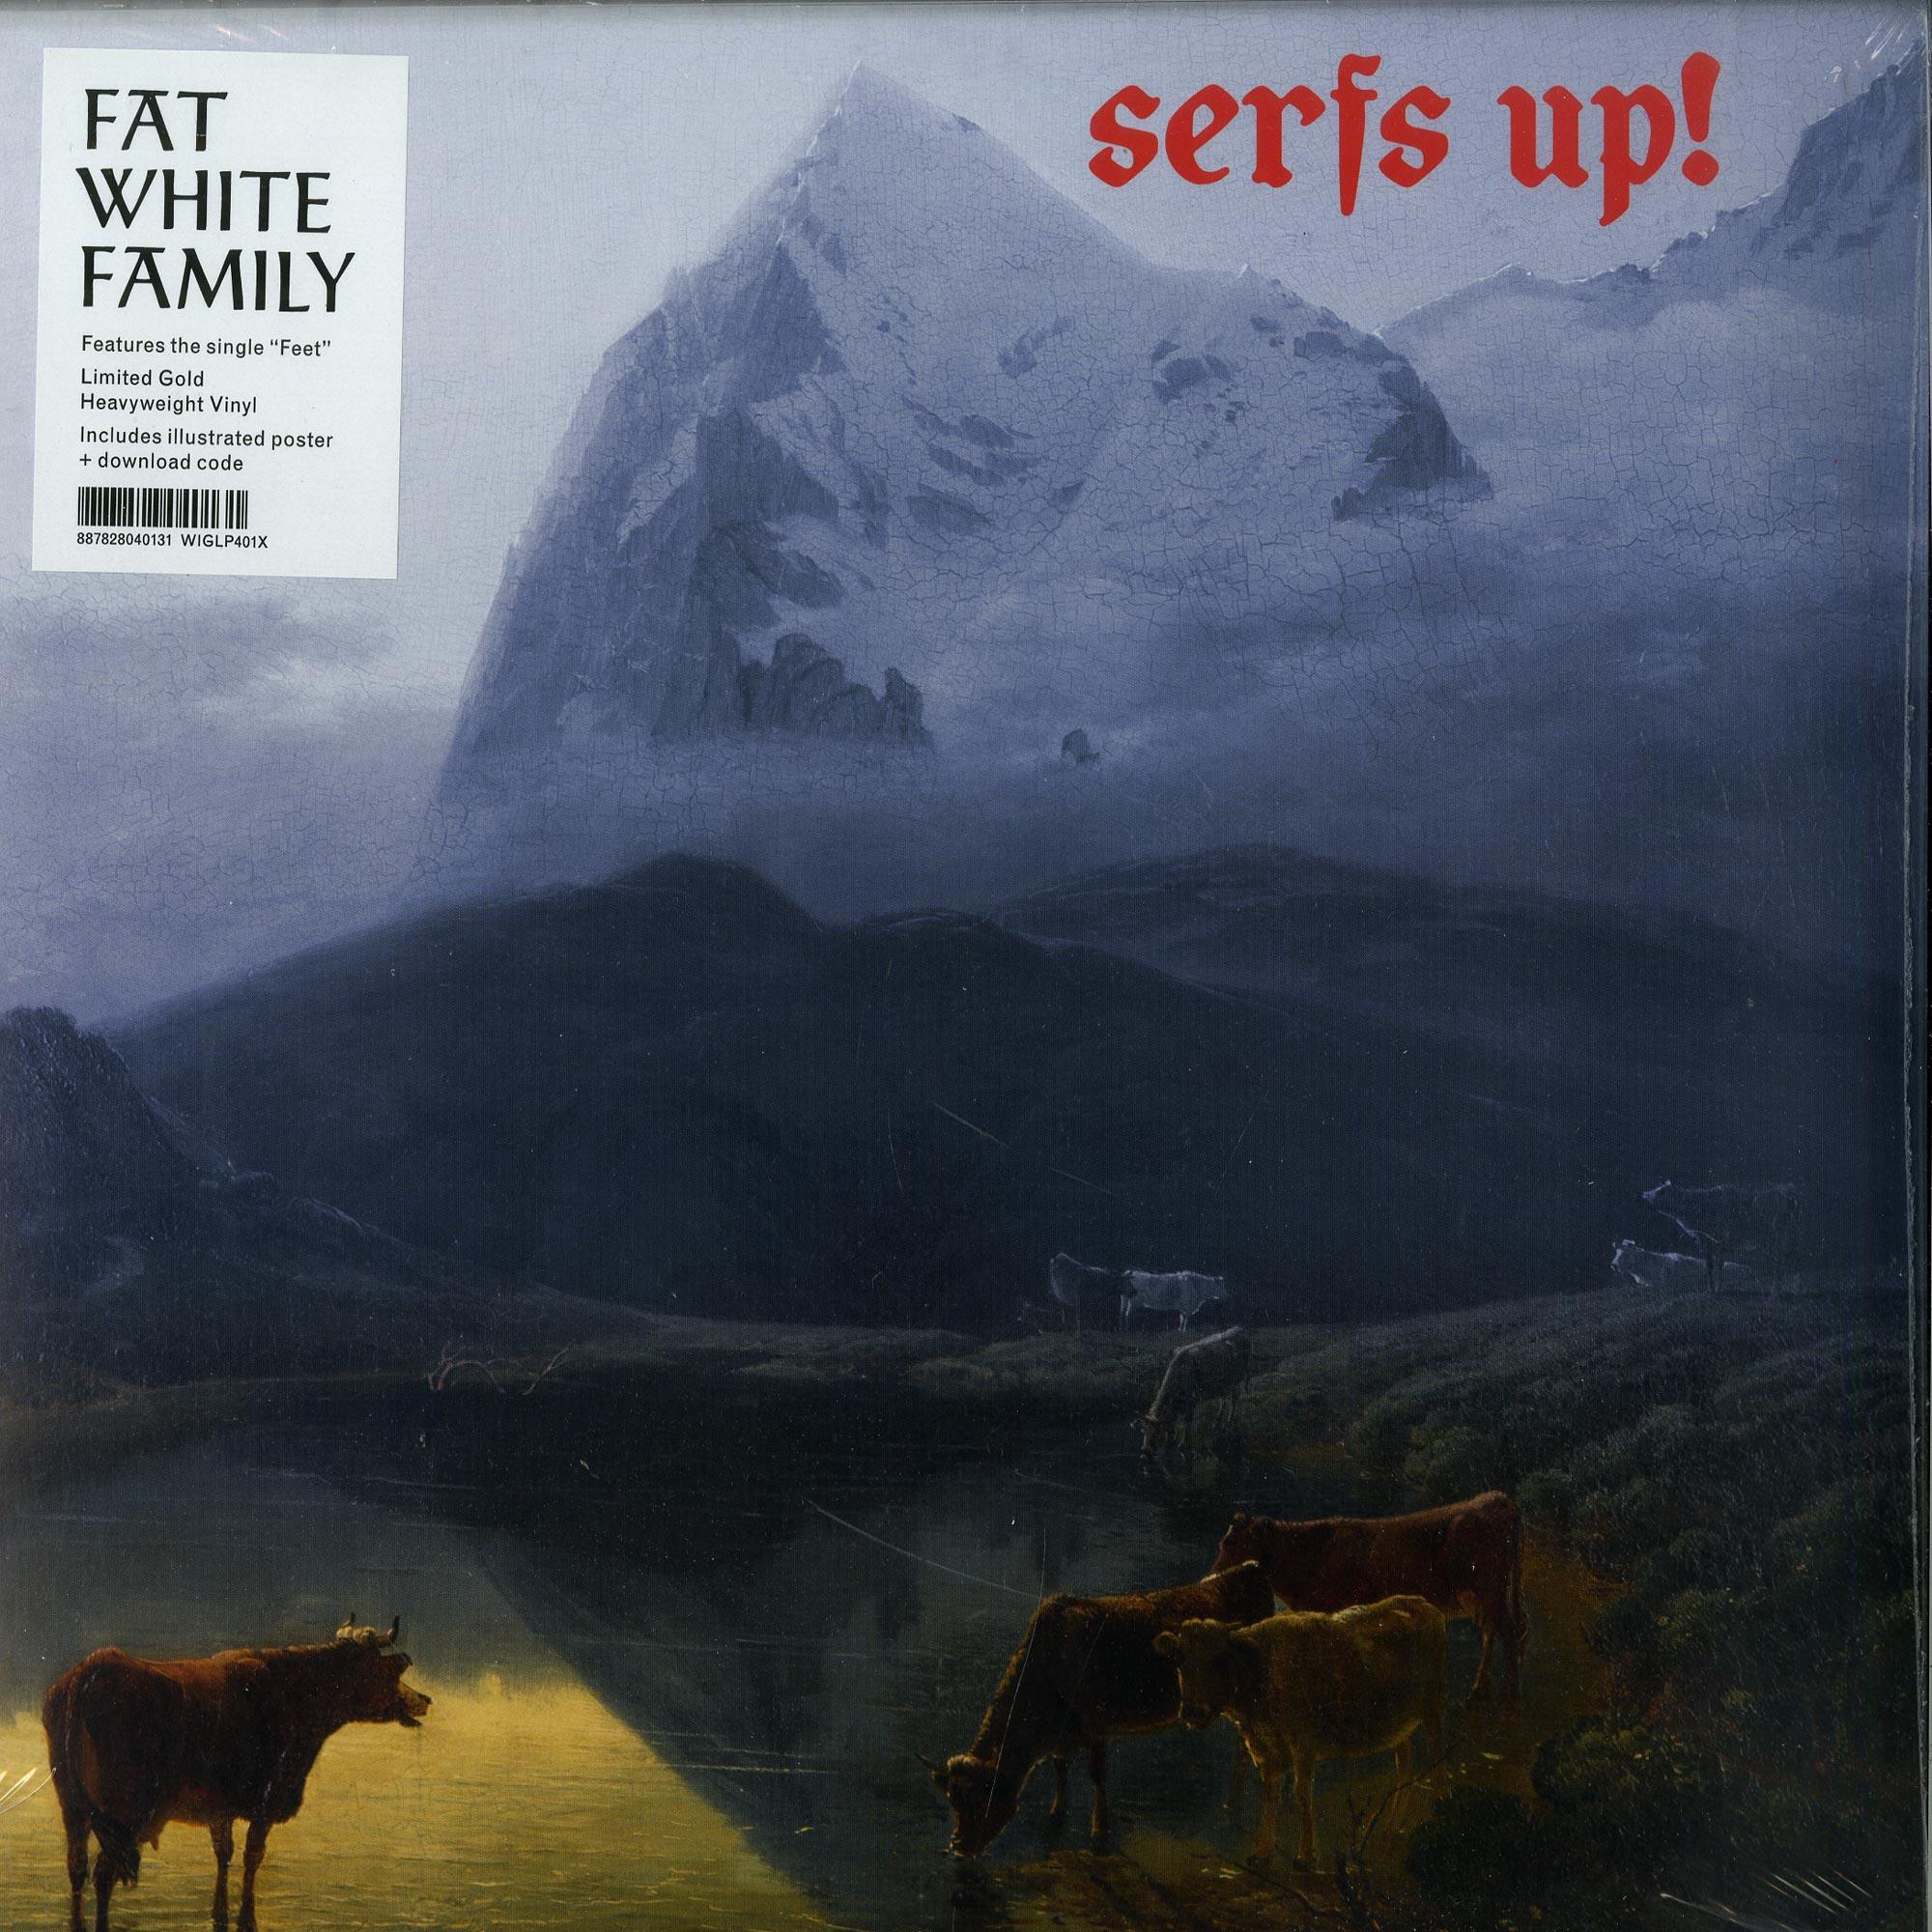 Fat White Family - SERFS UP!